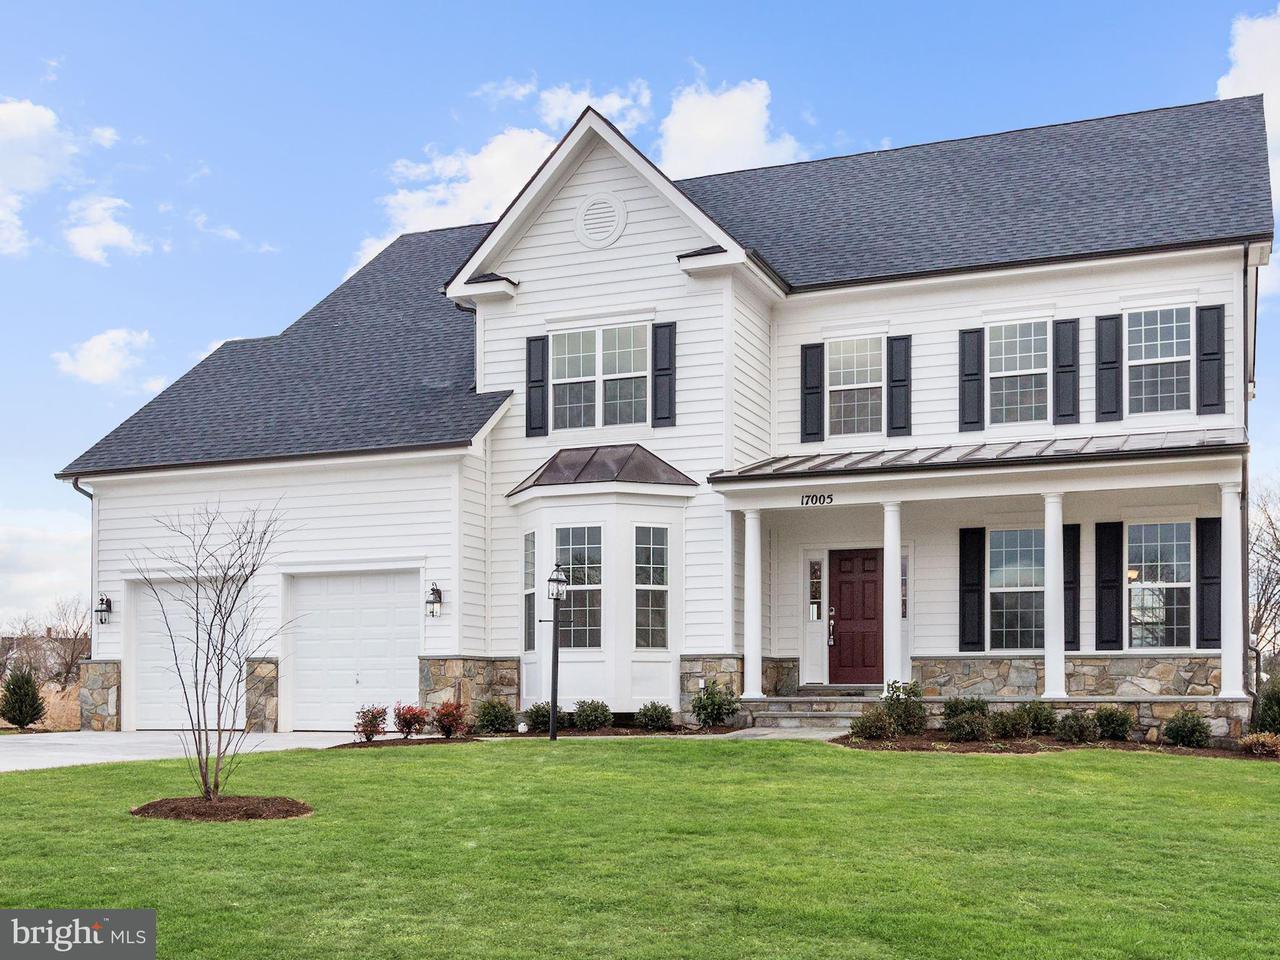 一戸建て のために 売買 アット 17005 Bennett Way 17005 Bennett Way Poolesville, メリーランド 20837 アメリカ合衆国